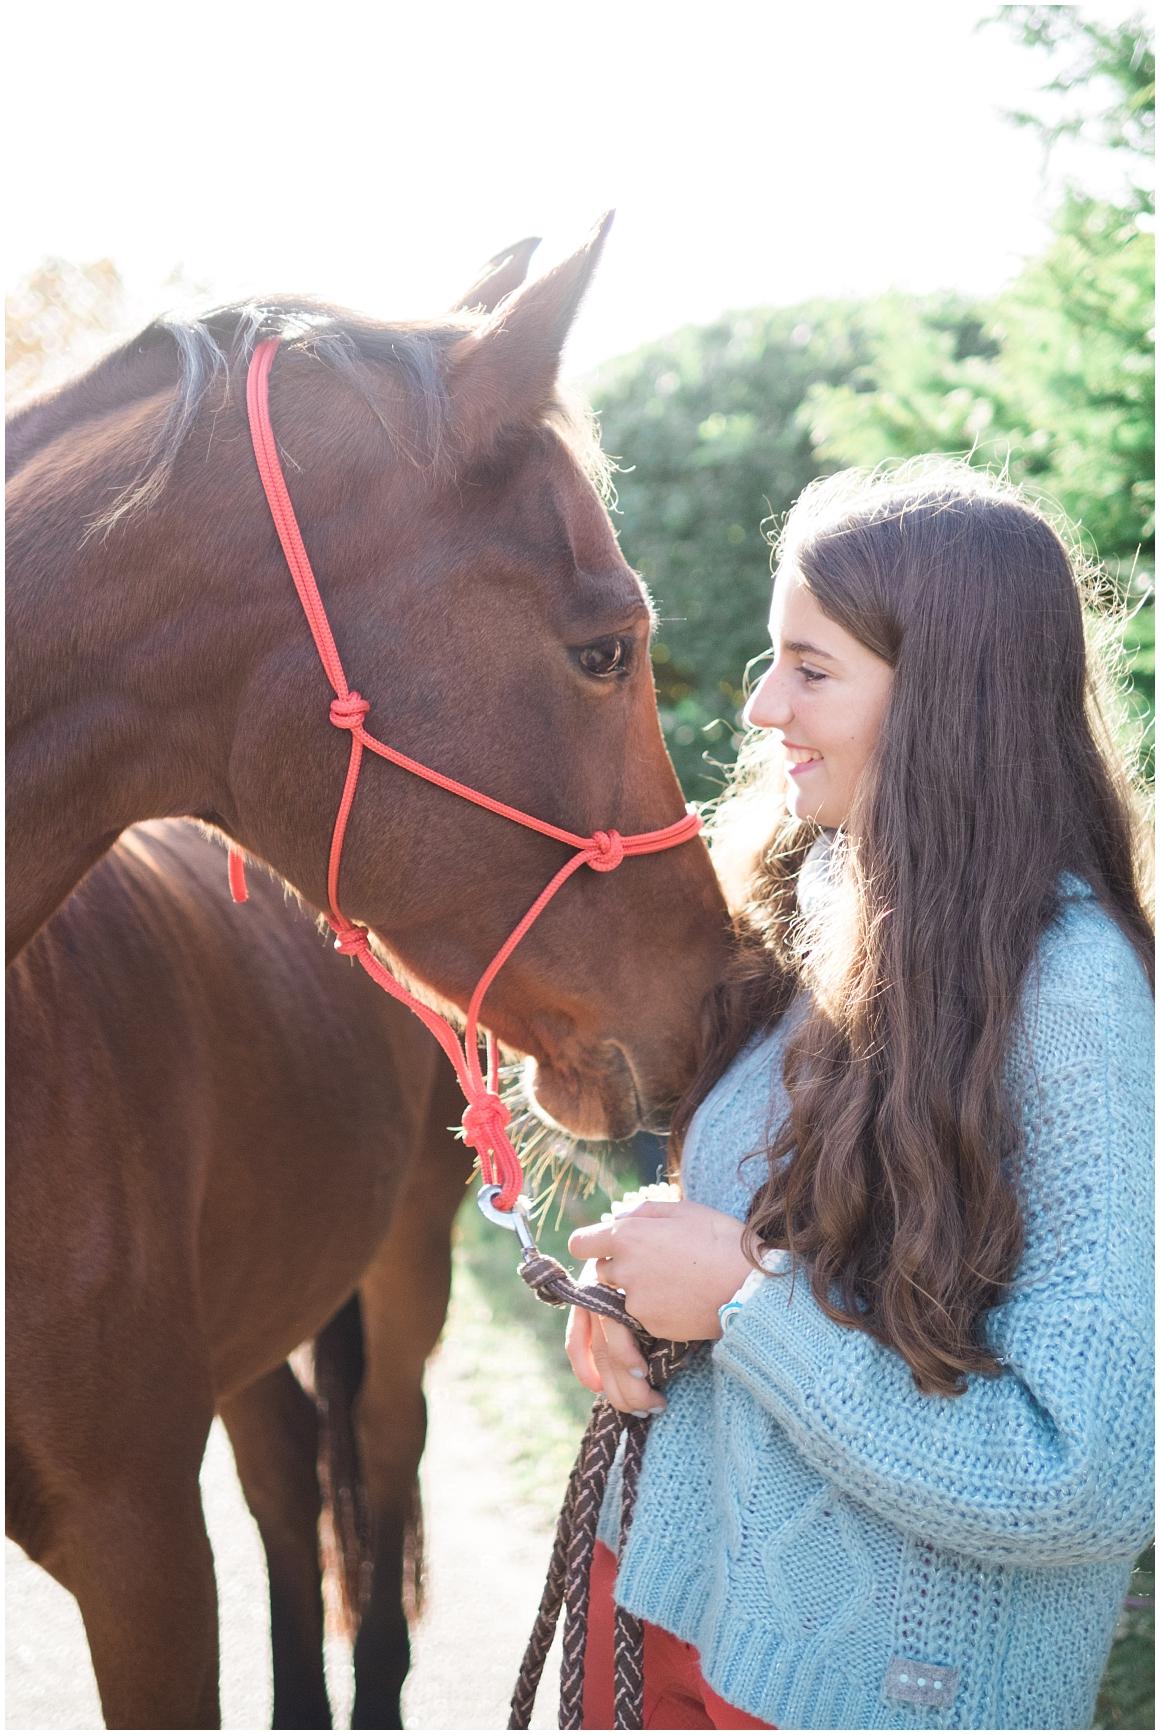 pferdefotograf-pferdeportrait-fotoshooting-mit-pferd-münchen-rosenheim-by-katrin-kind-photography_0007.jpg